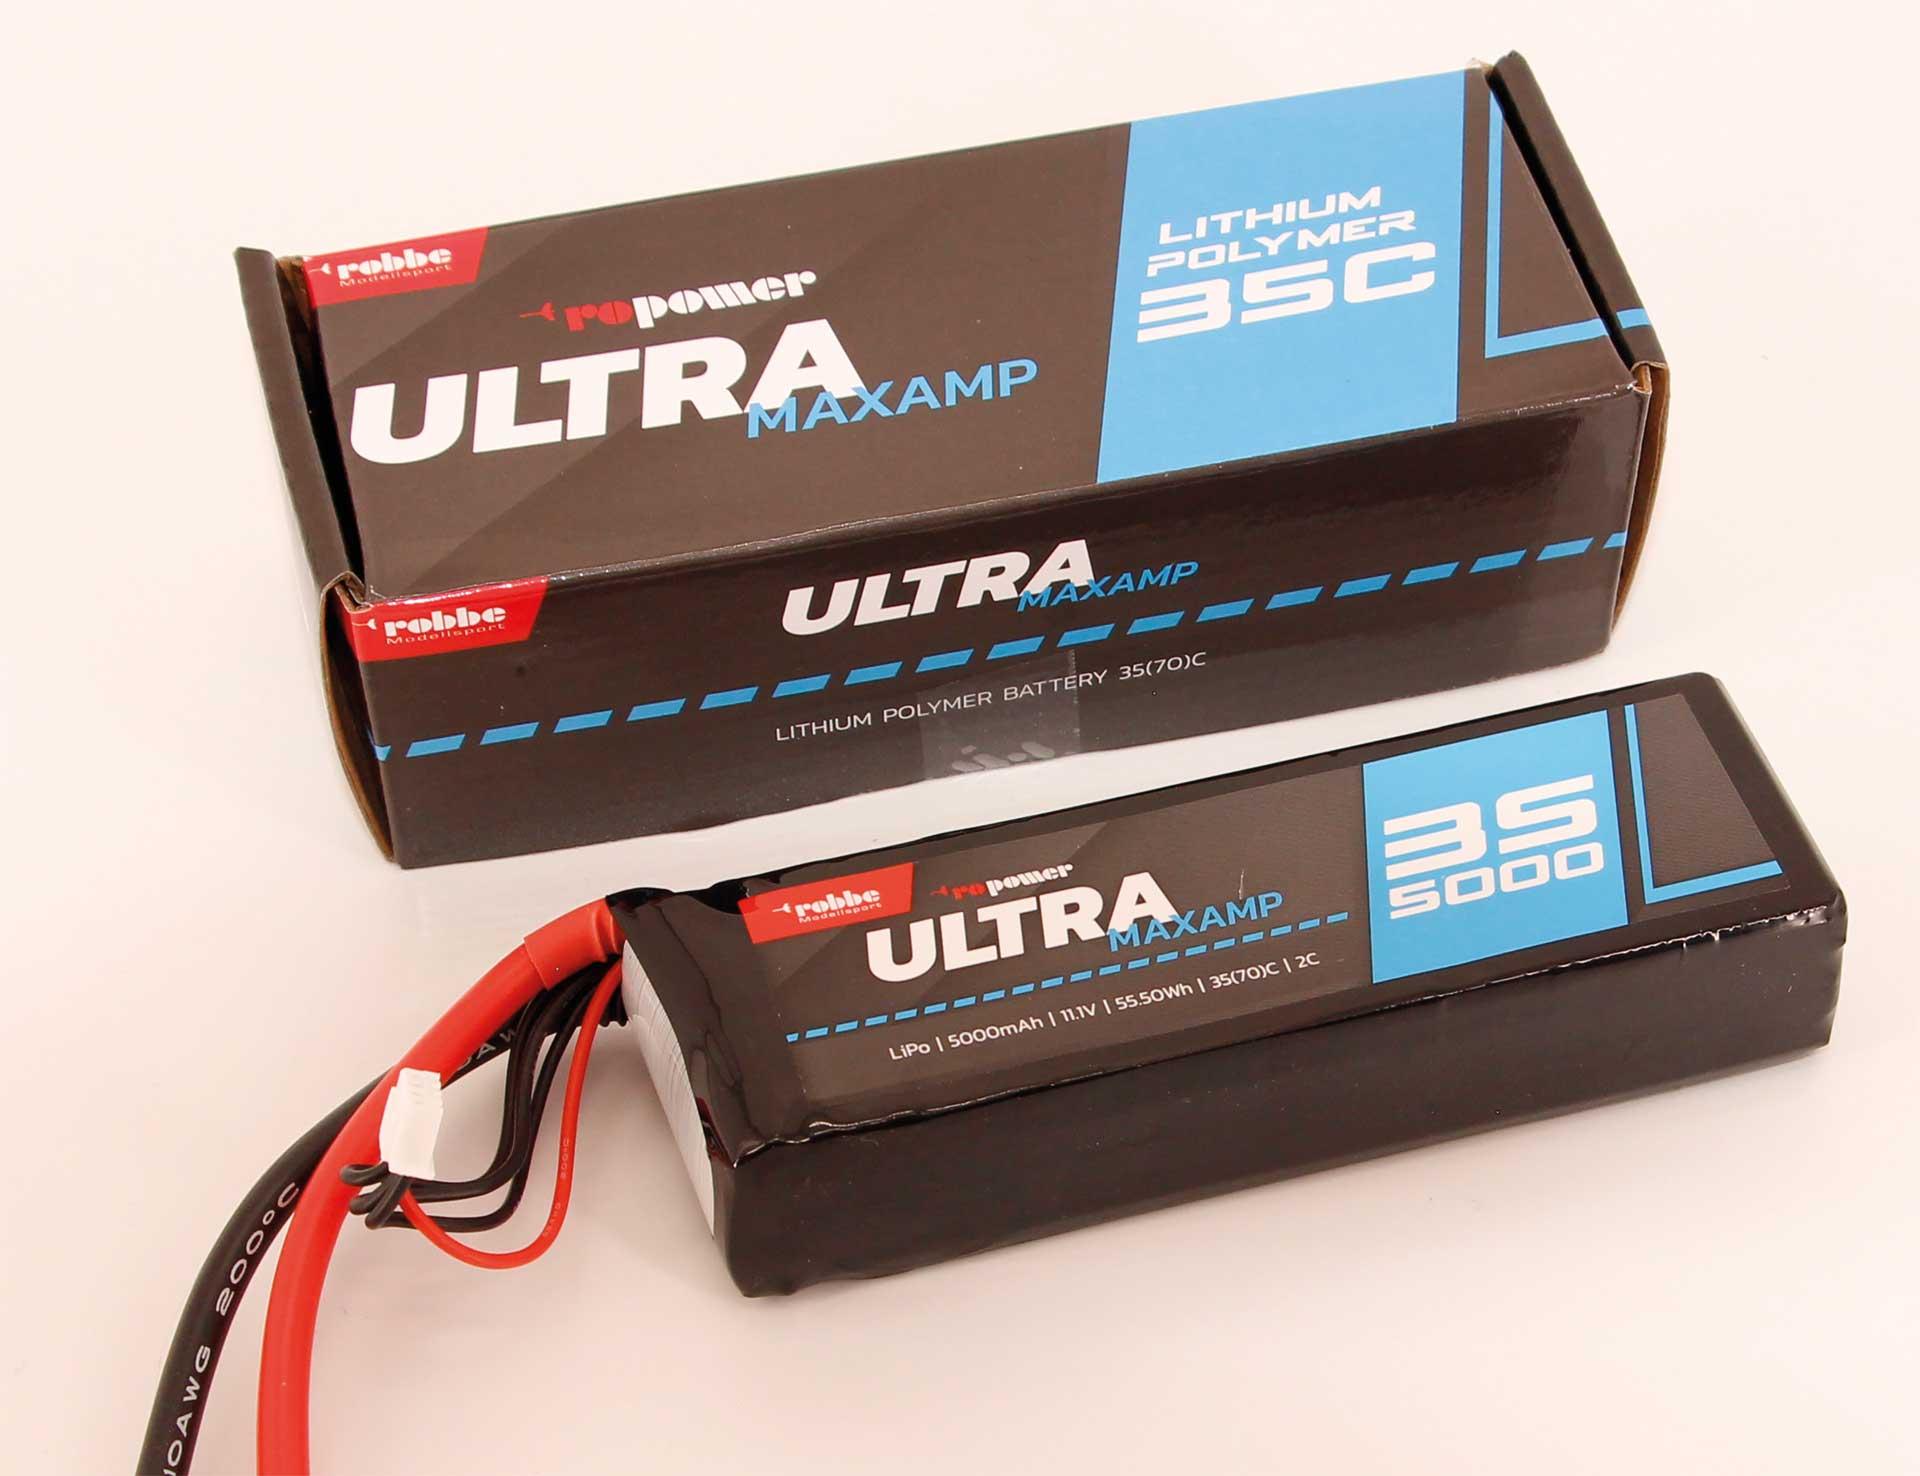 ROBBE RO-POWER ULTRA MAXAMP 5000MAH 11,1 VOLT